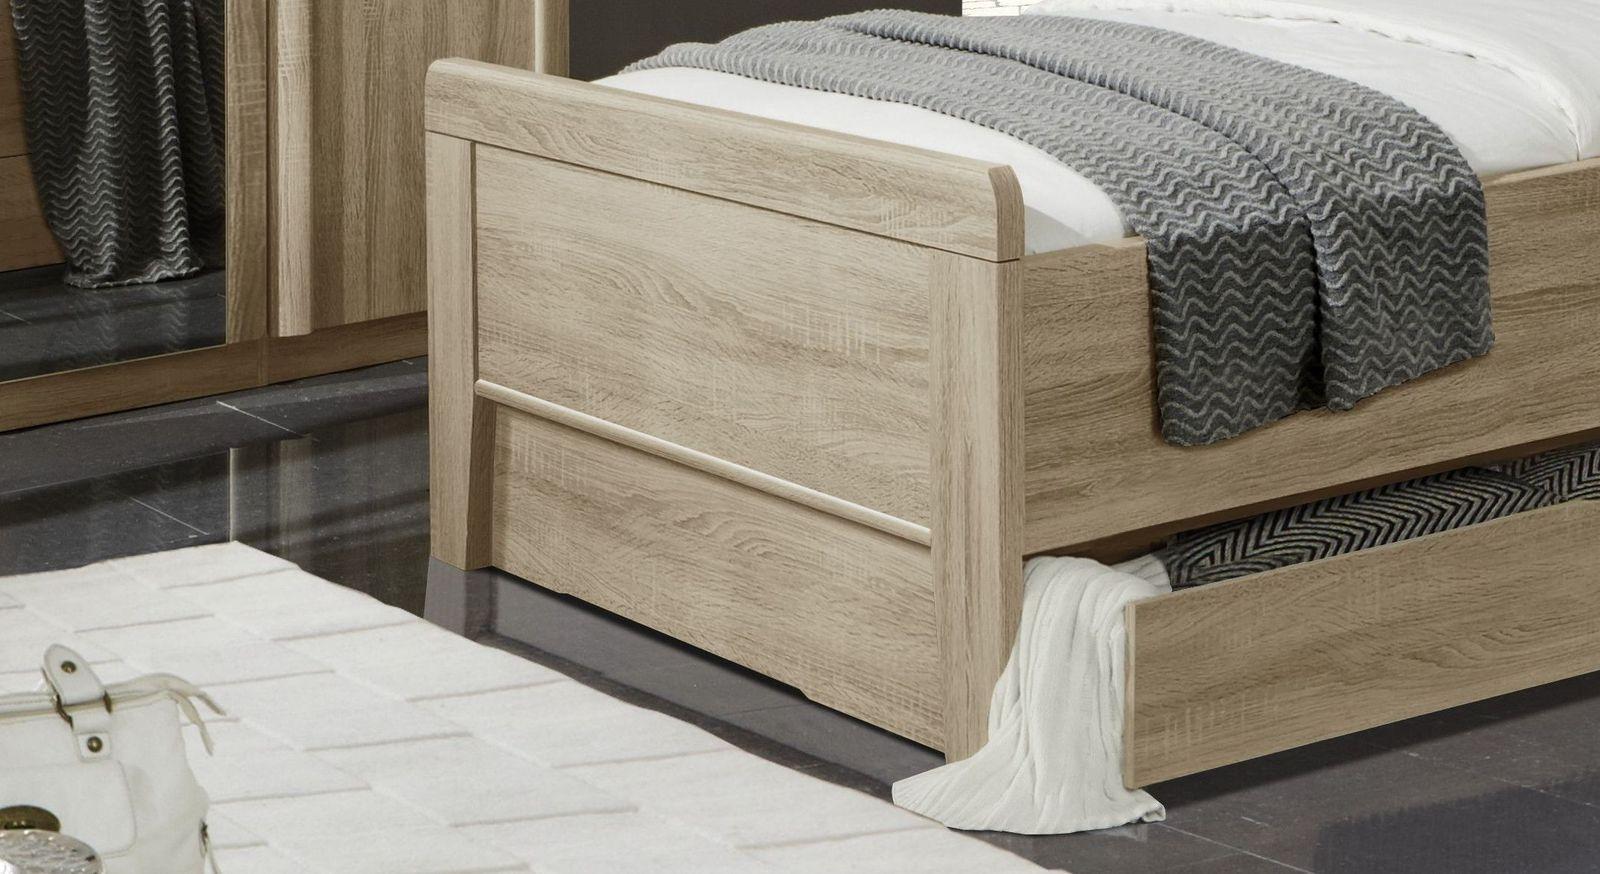 Klassisches Senioren-Schubkastenbett Palmira mit Fußteilverblendung